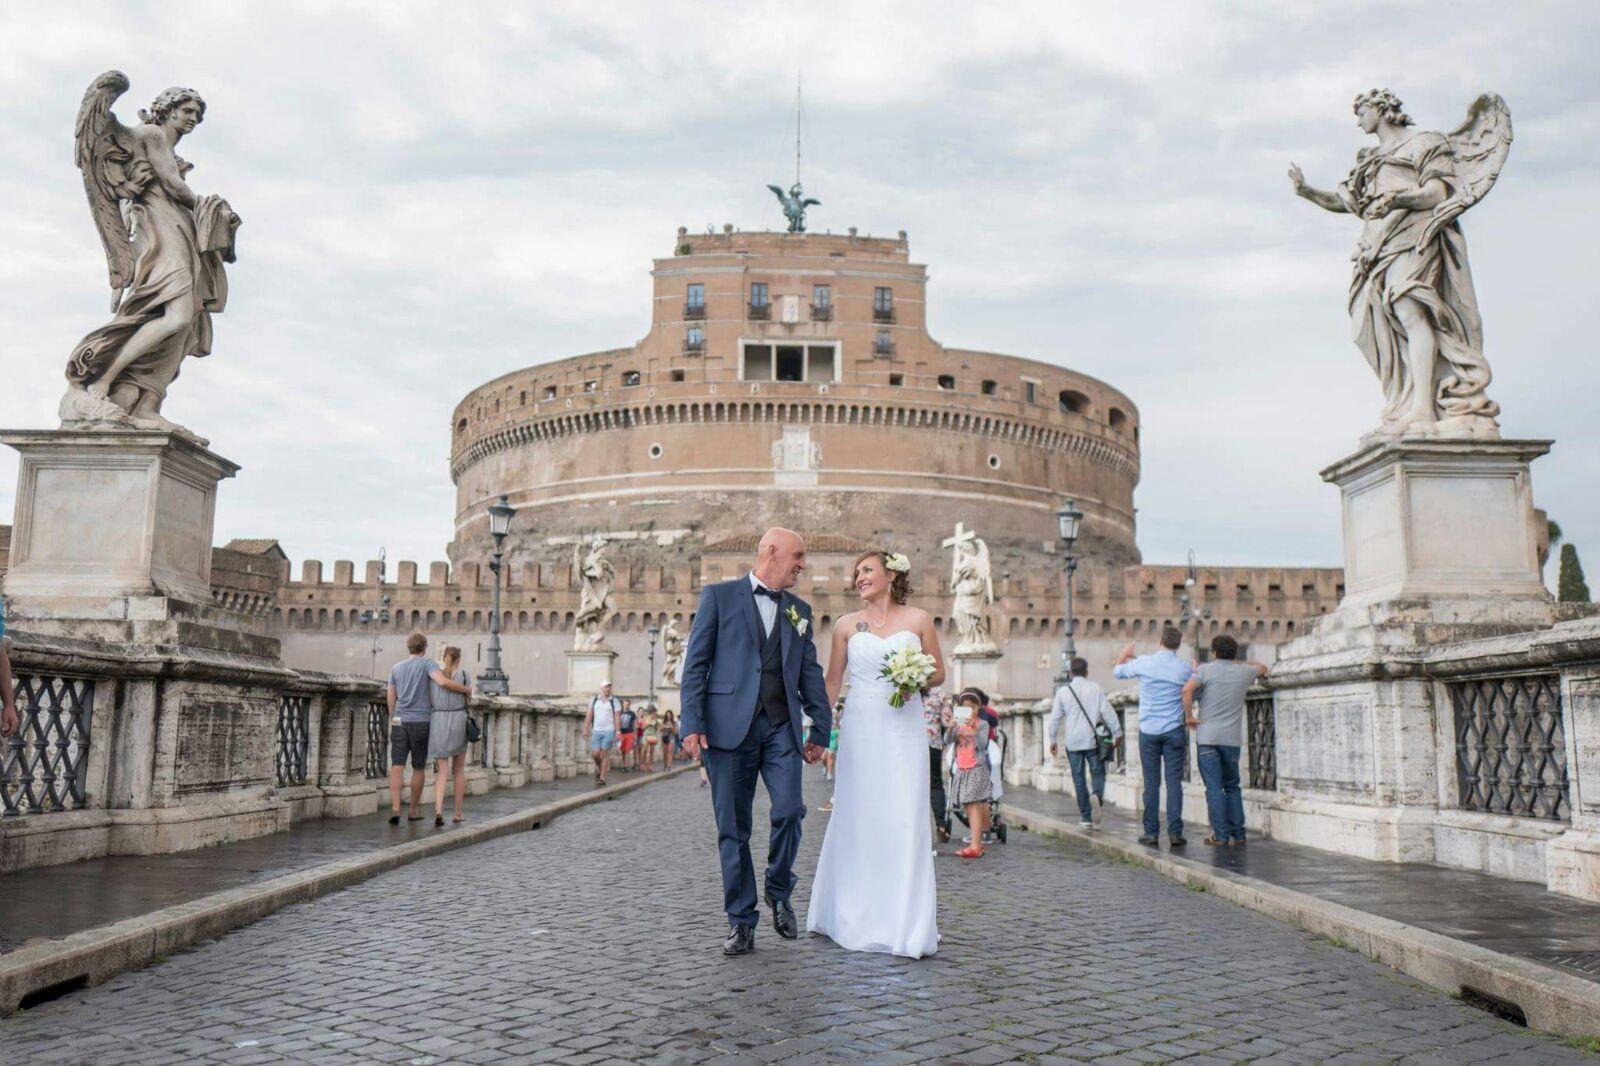 Malgorzata - sposa 11.09.2015